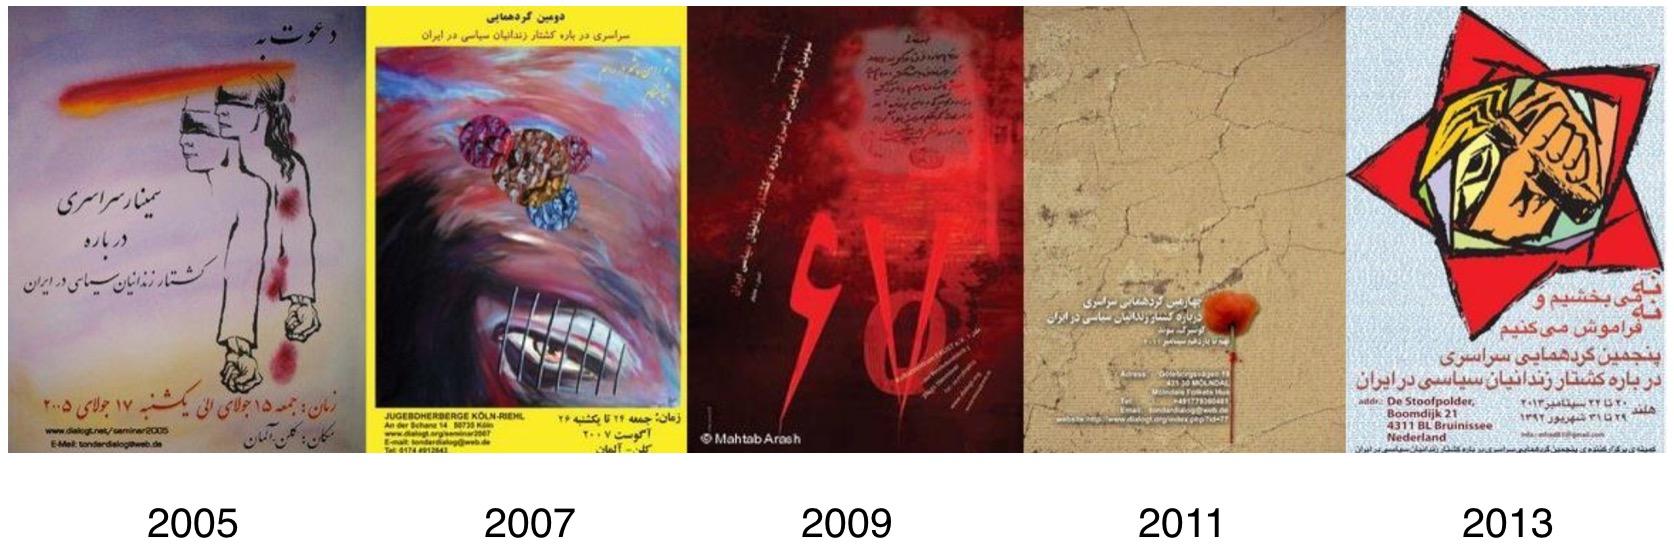 آفیشهای پنج گردهمایی سراسری درباره کشتار زندانیان سیاسی در ایران